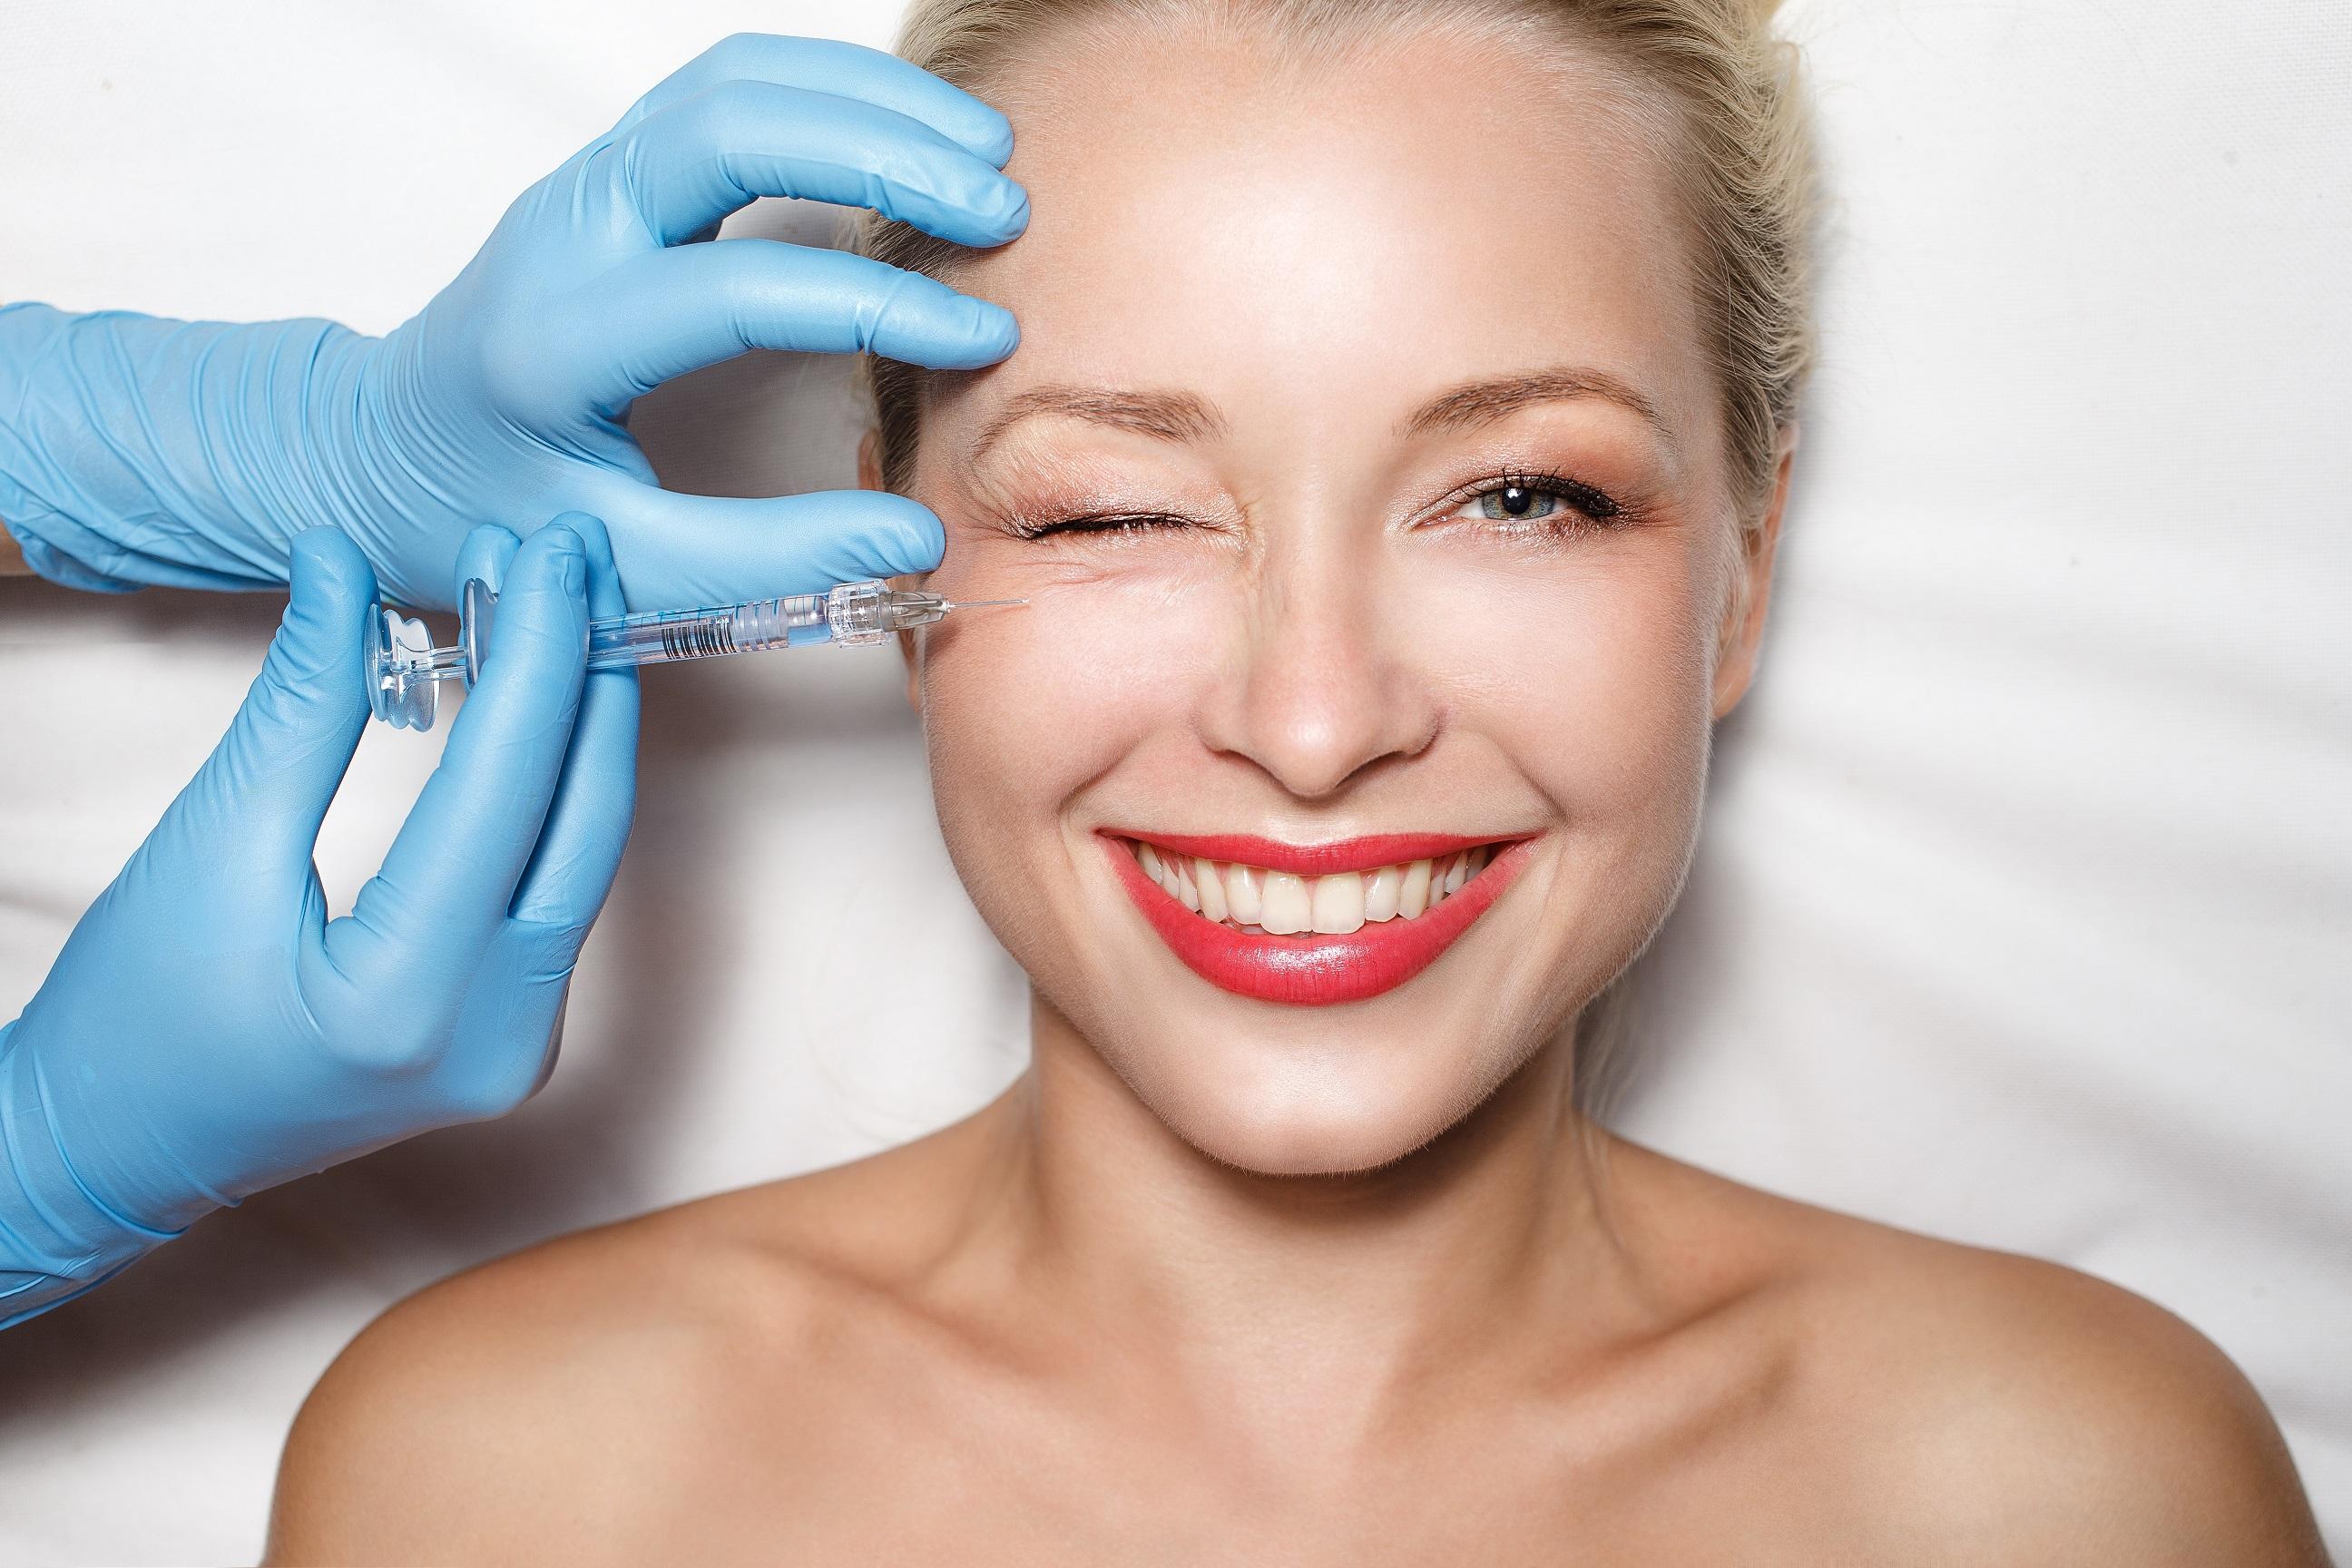 вредные косметологические процедуры фото 6